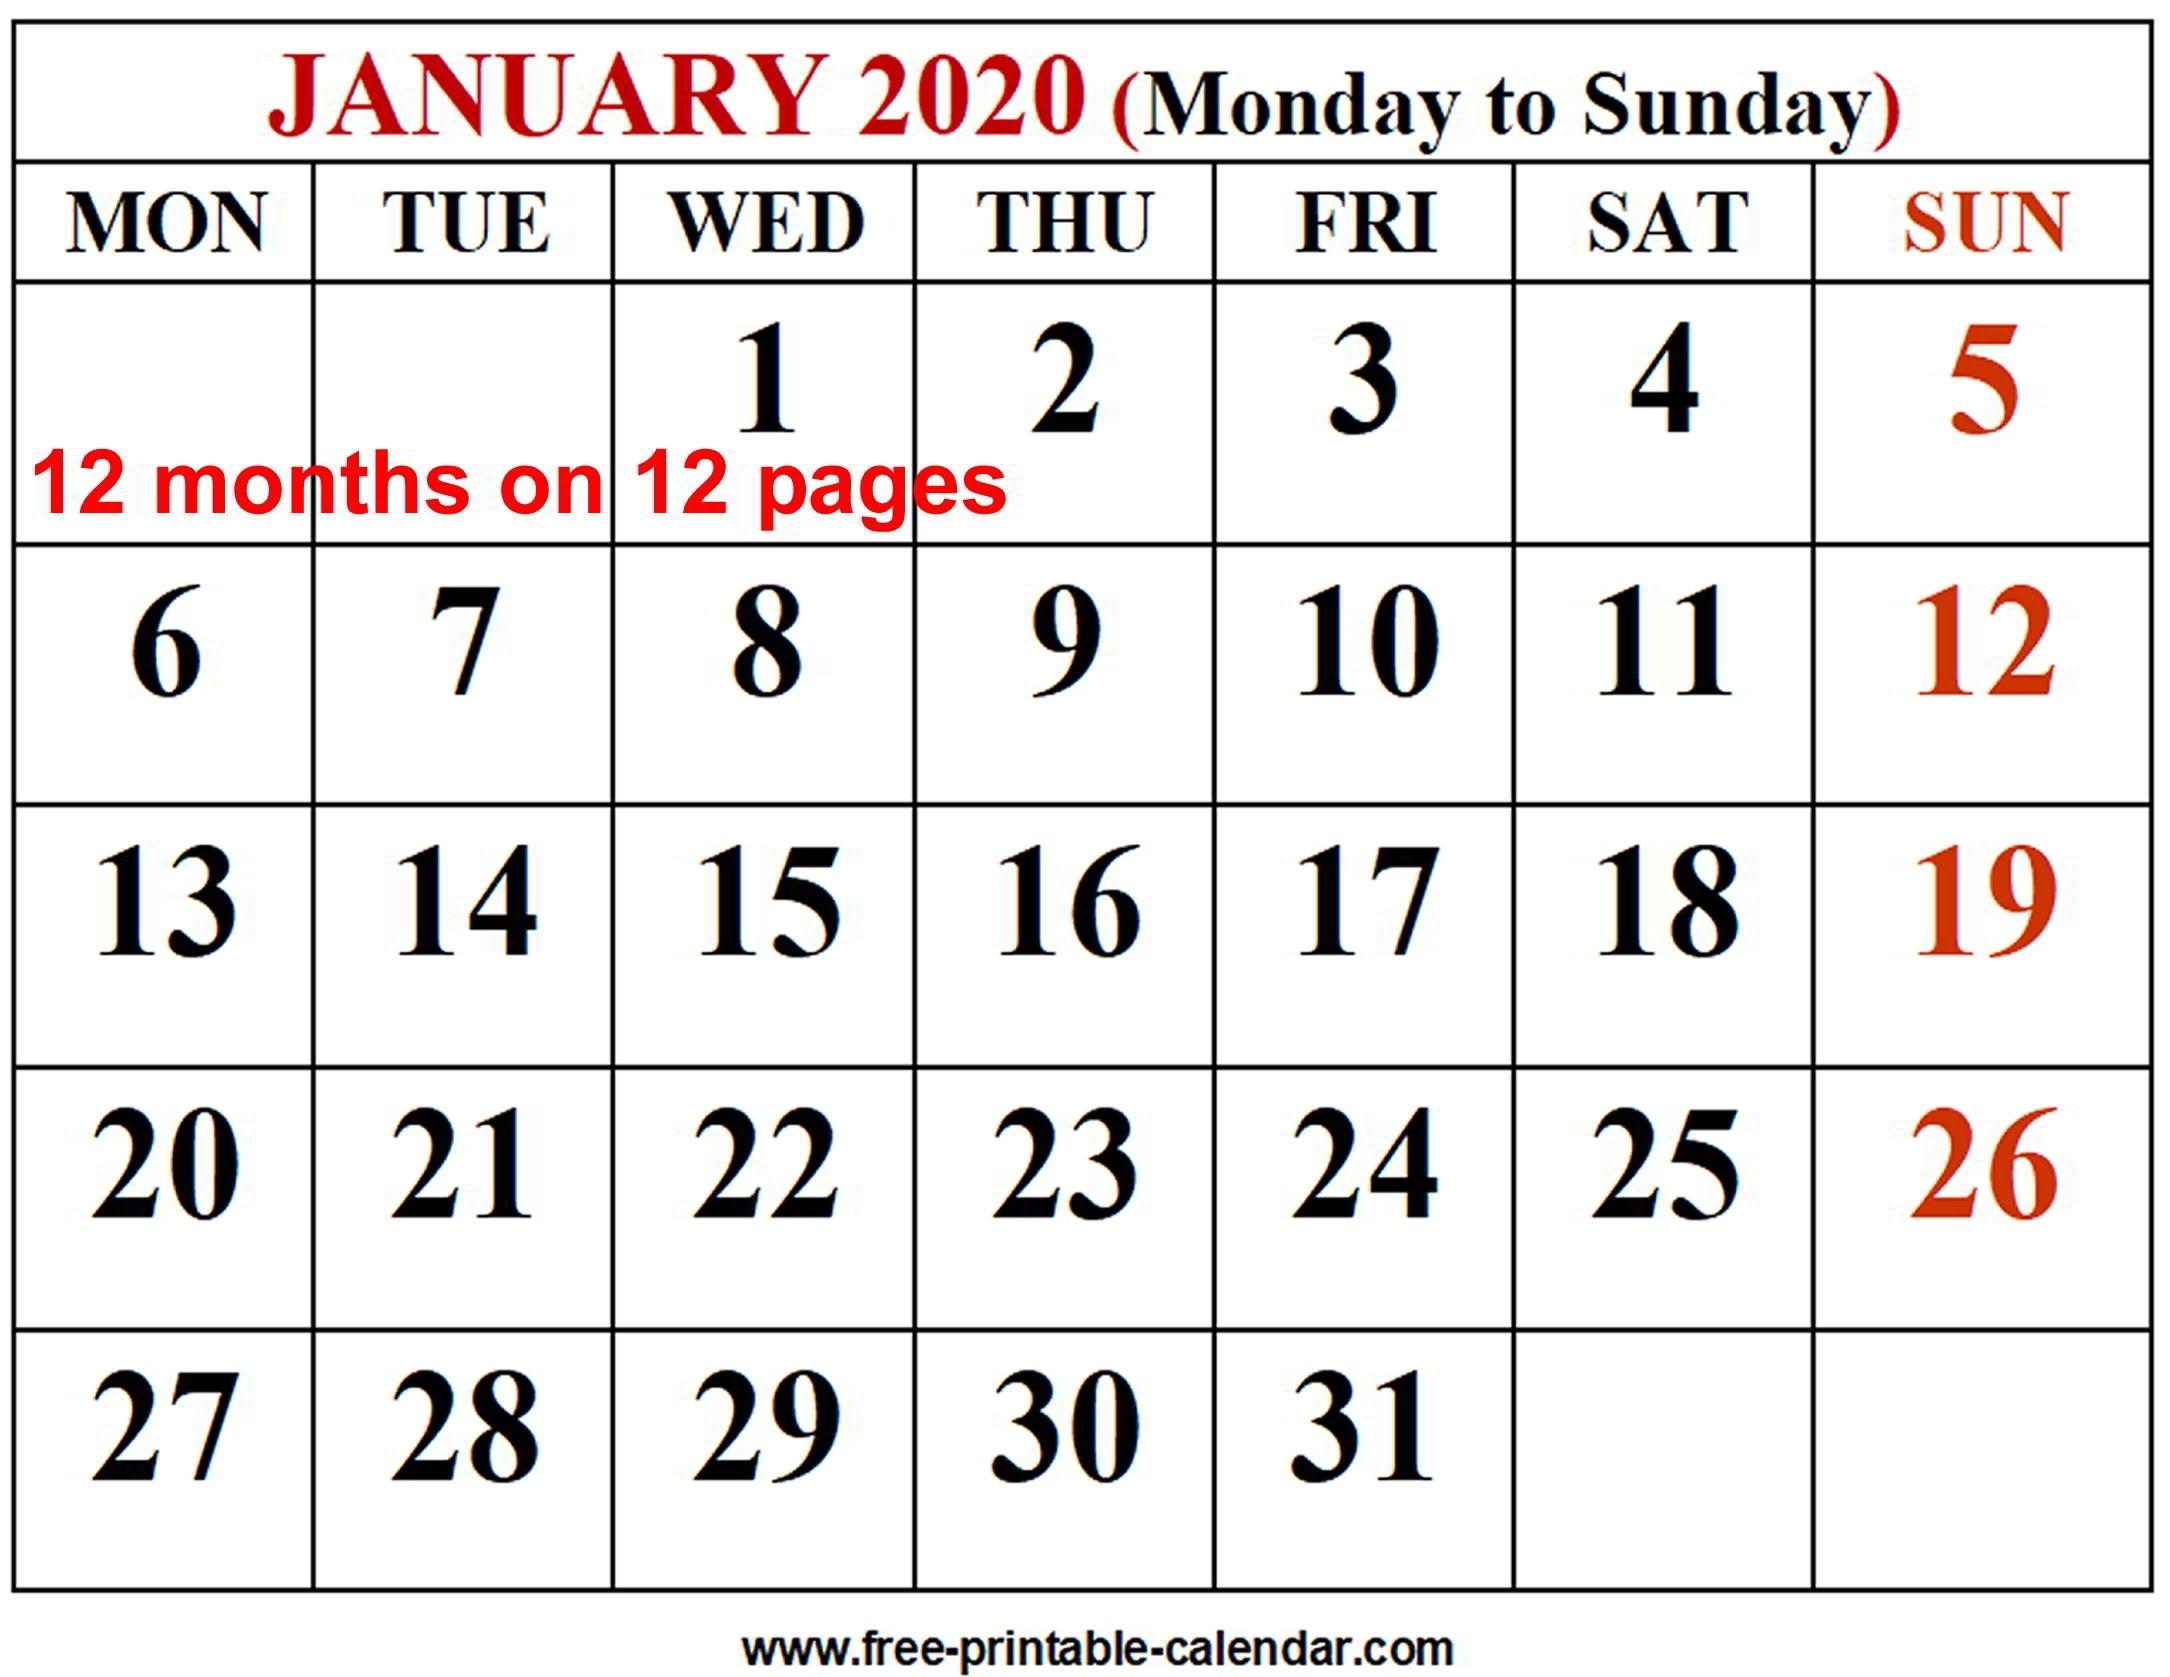 2020 Calendar Template - Free-Printable-Calendar throughout Printable Monday To Sunday 2020 Calendar